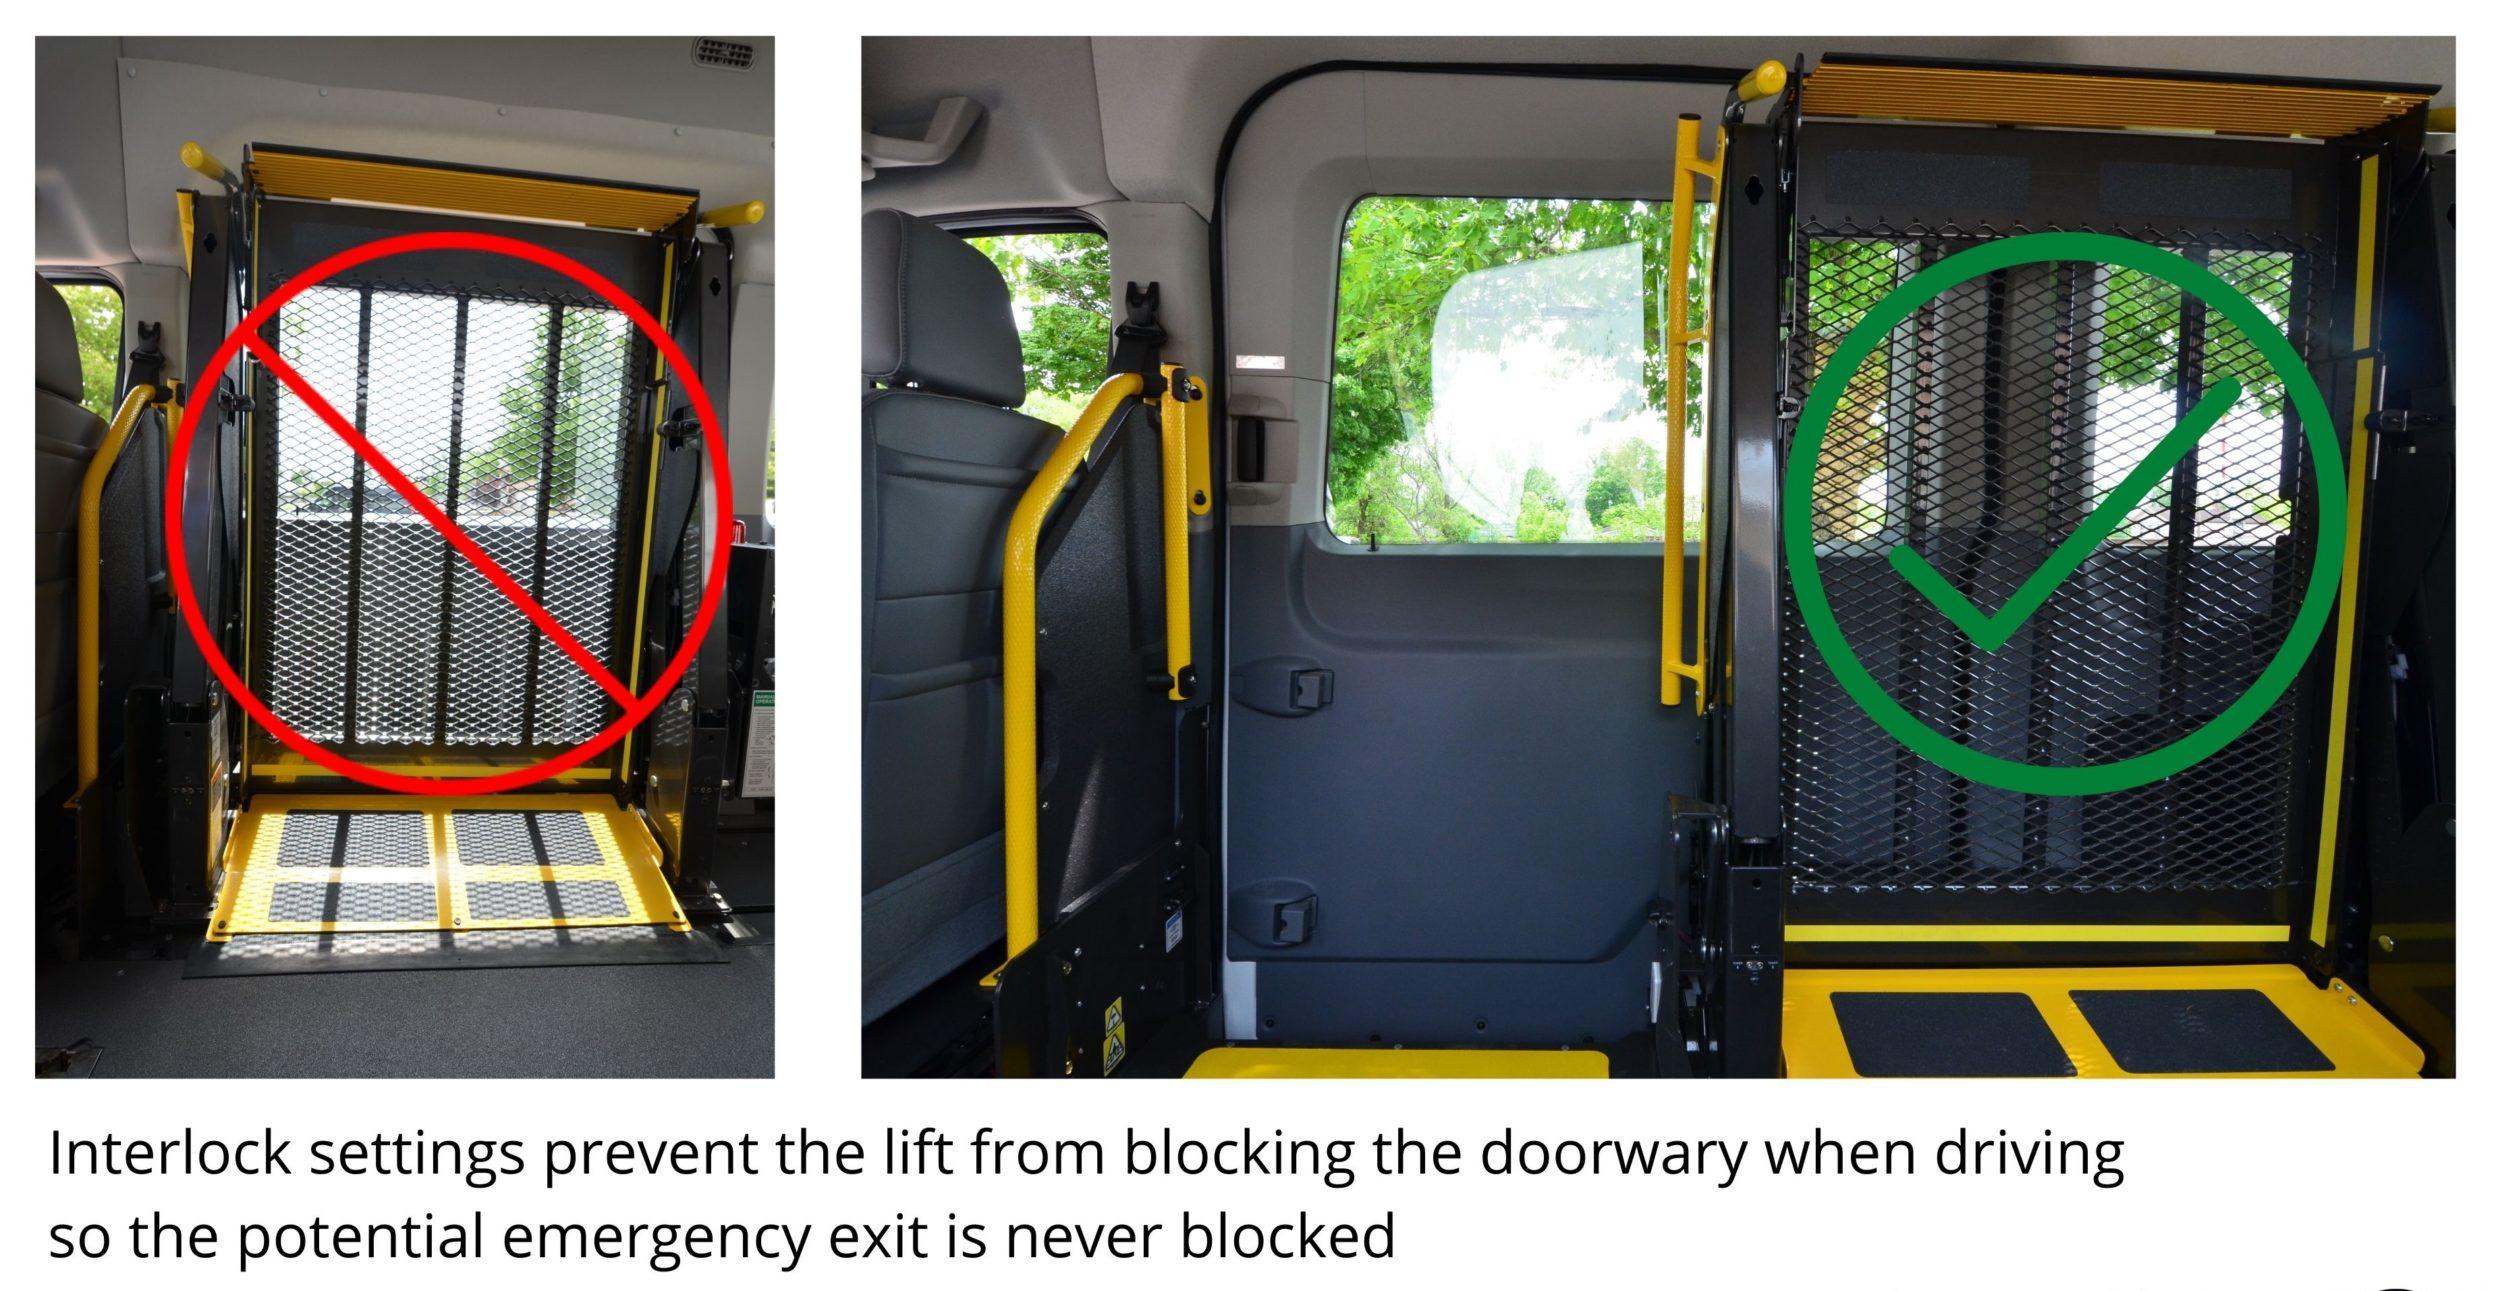 safety Interlok